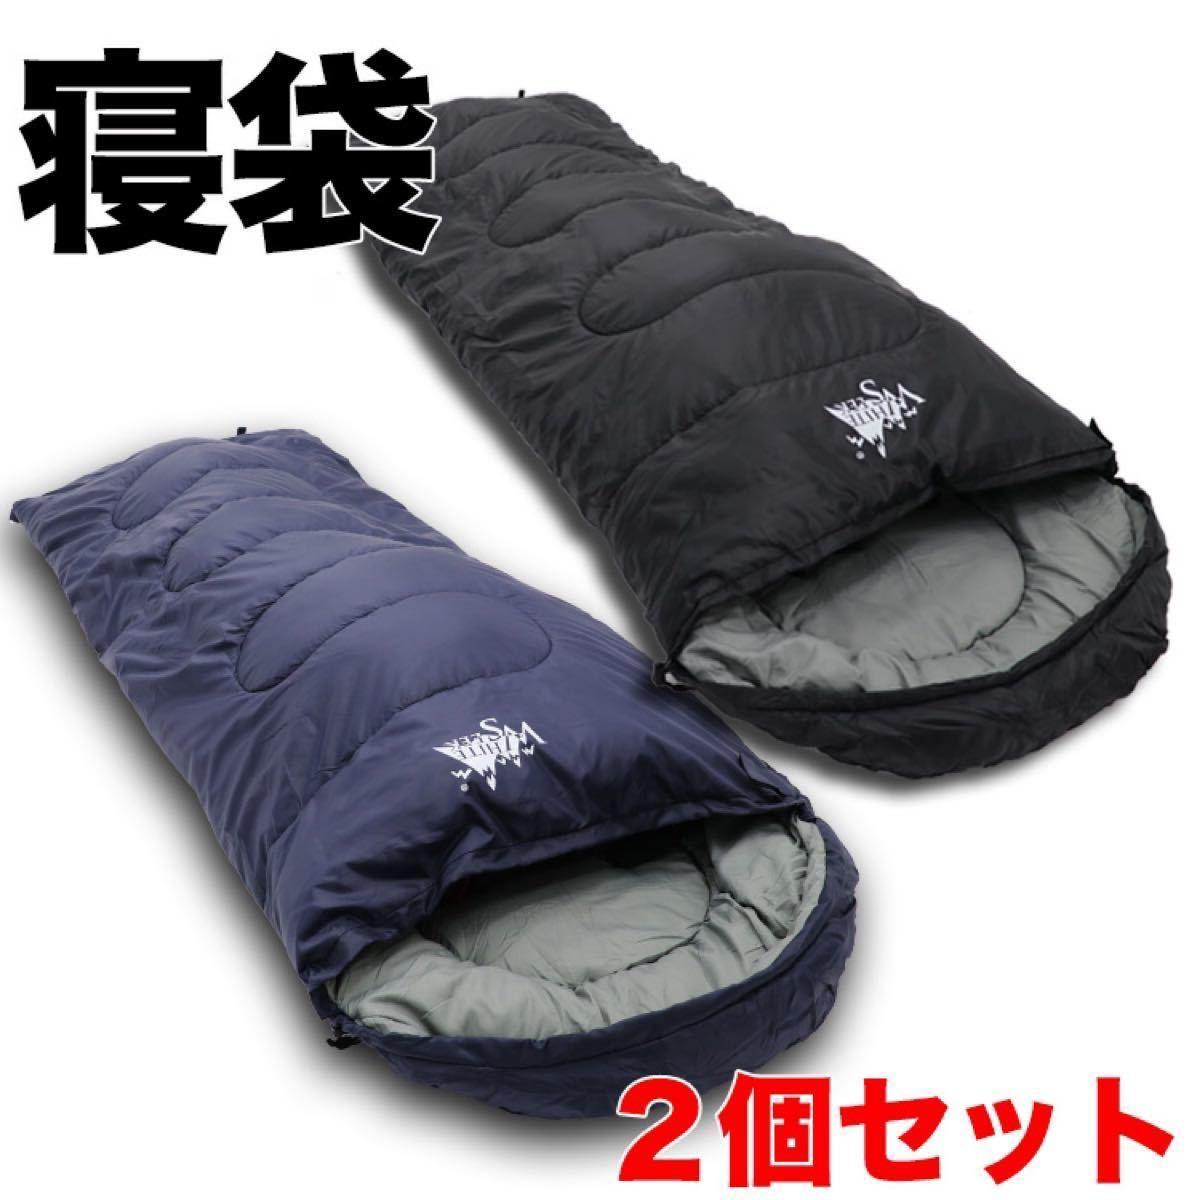 寝袋 シュラフ 封筒型 2個セット 春夏 連結可能 コンパクト アウトドア 防災 1人キャンプ コンパクト 収納